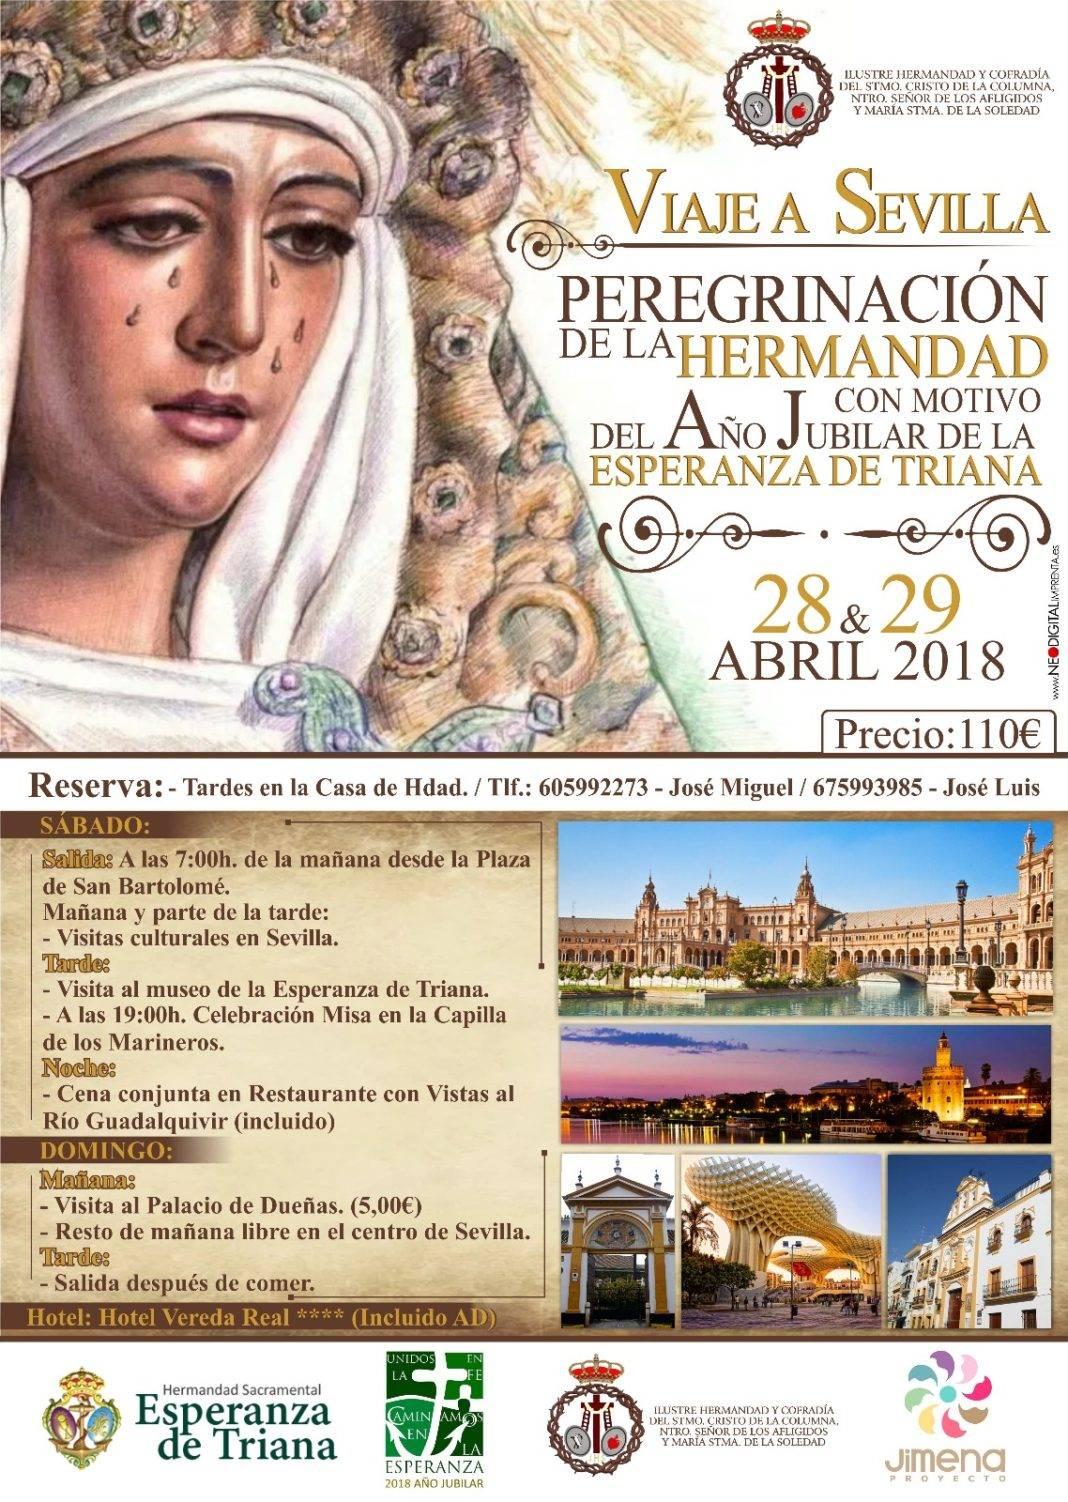 Viaje a Sevilla de la hermandad de El Santo de Herencia 1068x1502 - La Hermandad de El Santo organiza un viaje-peregrinación a Sevilla